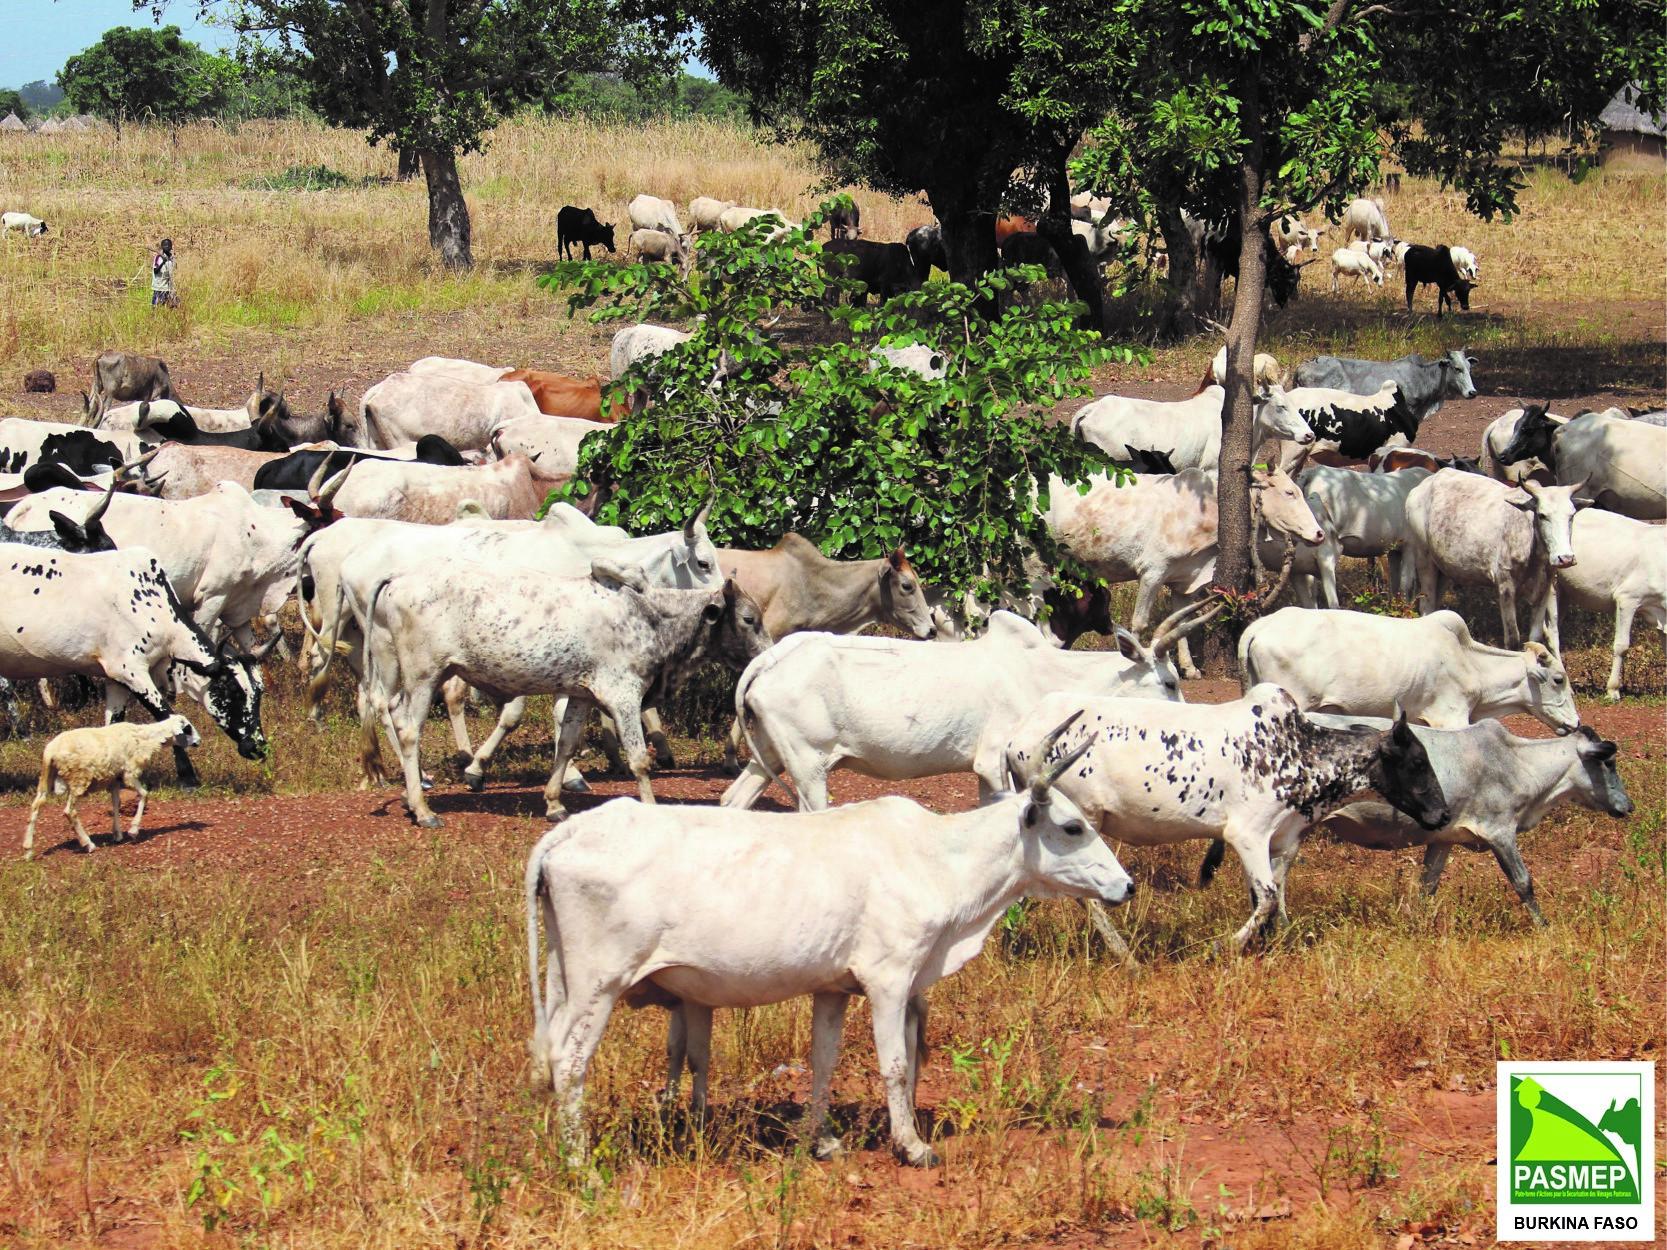 Cattle herd in Burkina